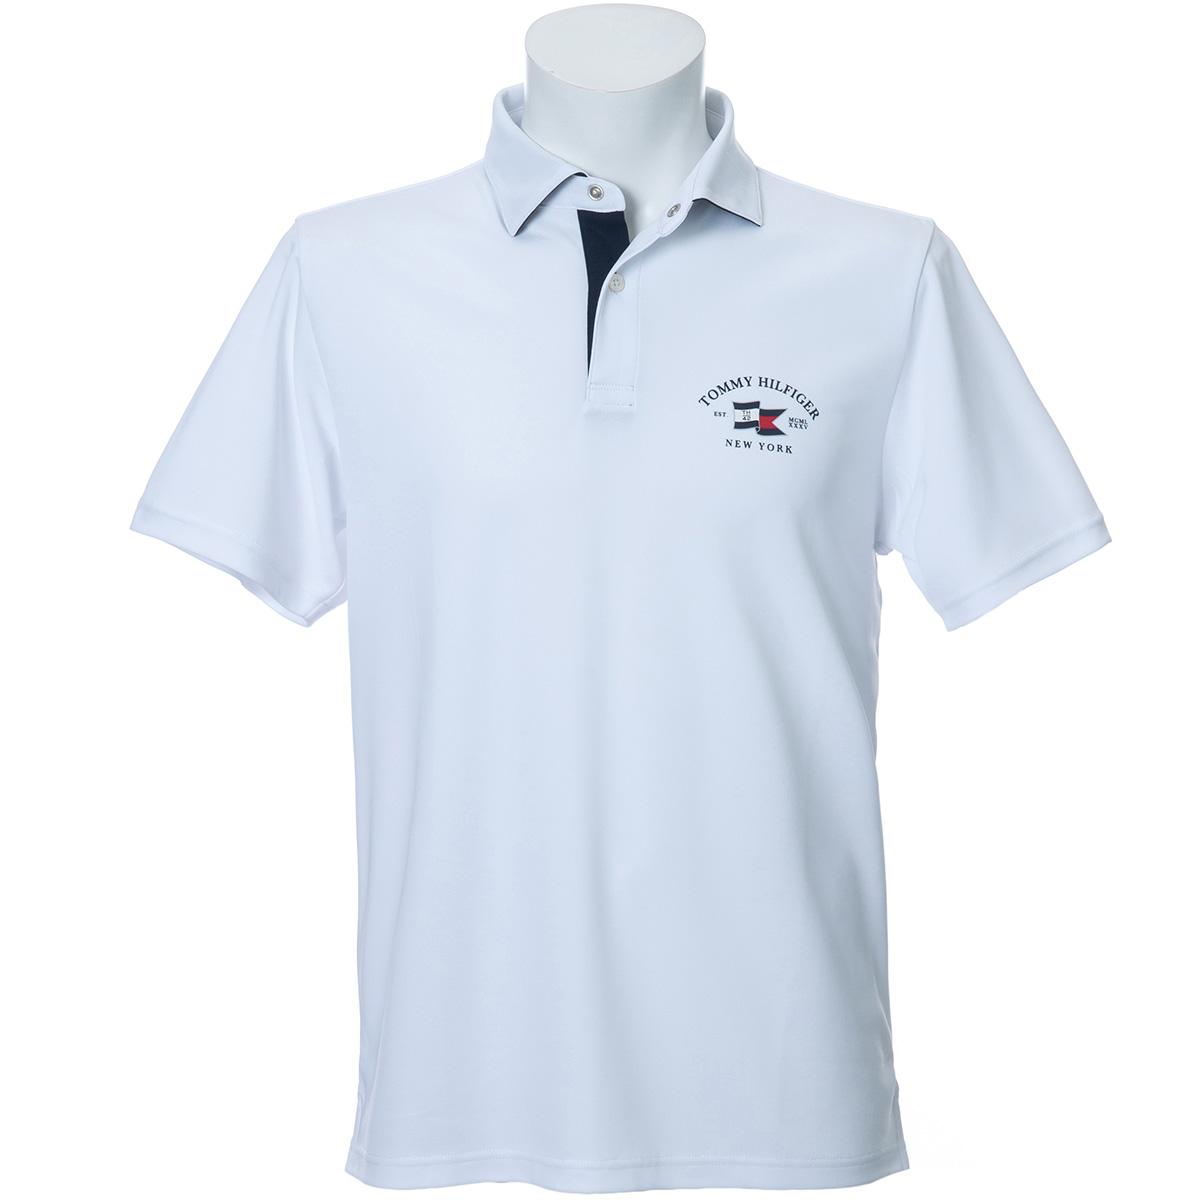 SEASINAL ロゴ 半袖ポロシャツ